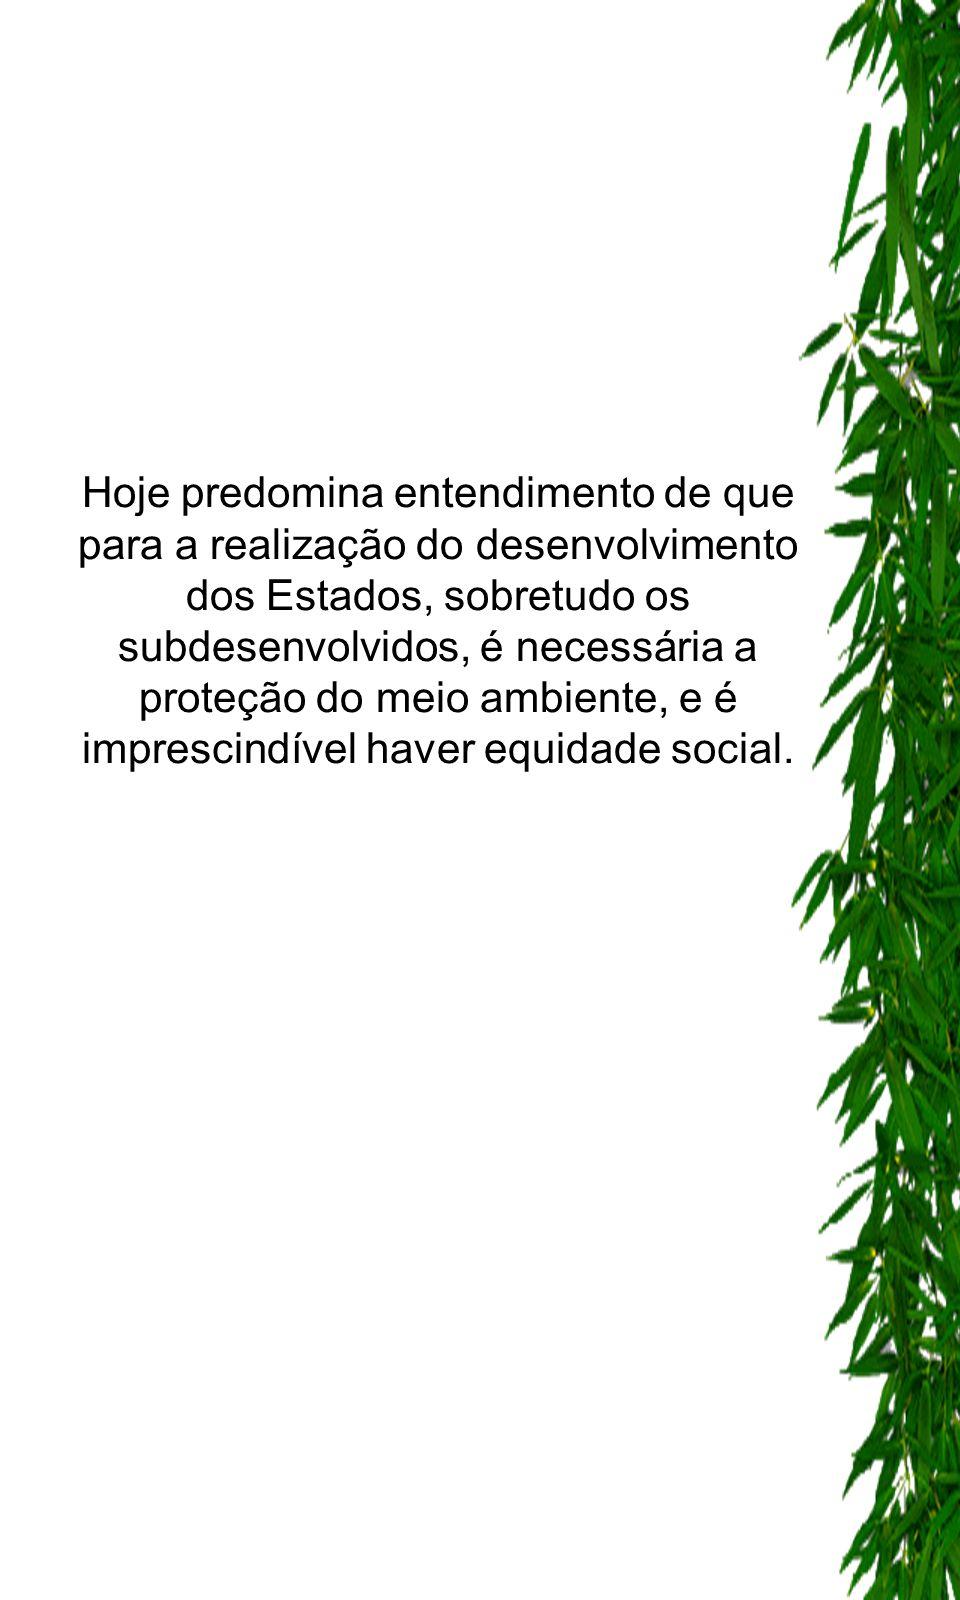 Hoje predomina entendimento de que para a realização do desenvolvimento dos Estados, sobretudo os subdesenvolvidos, é necessária a proteção do meio ambiente, e é imprescindível haver equidade social.